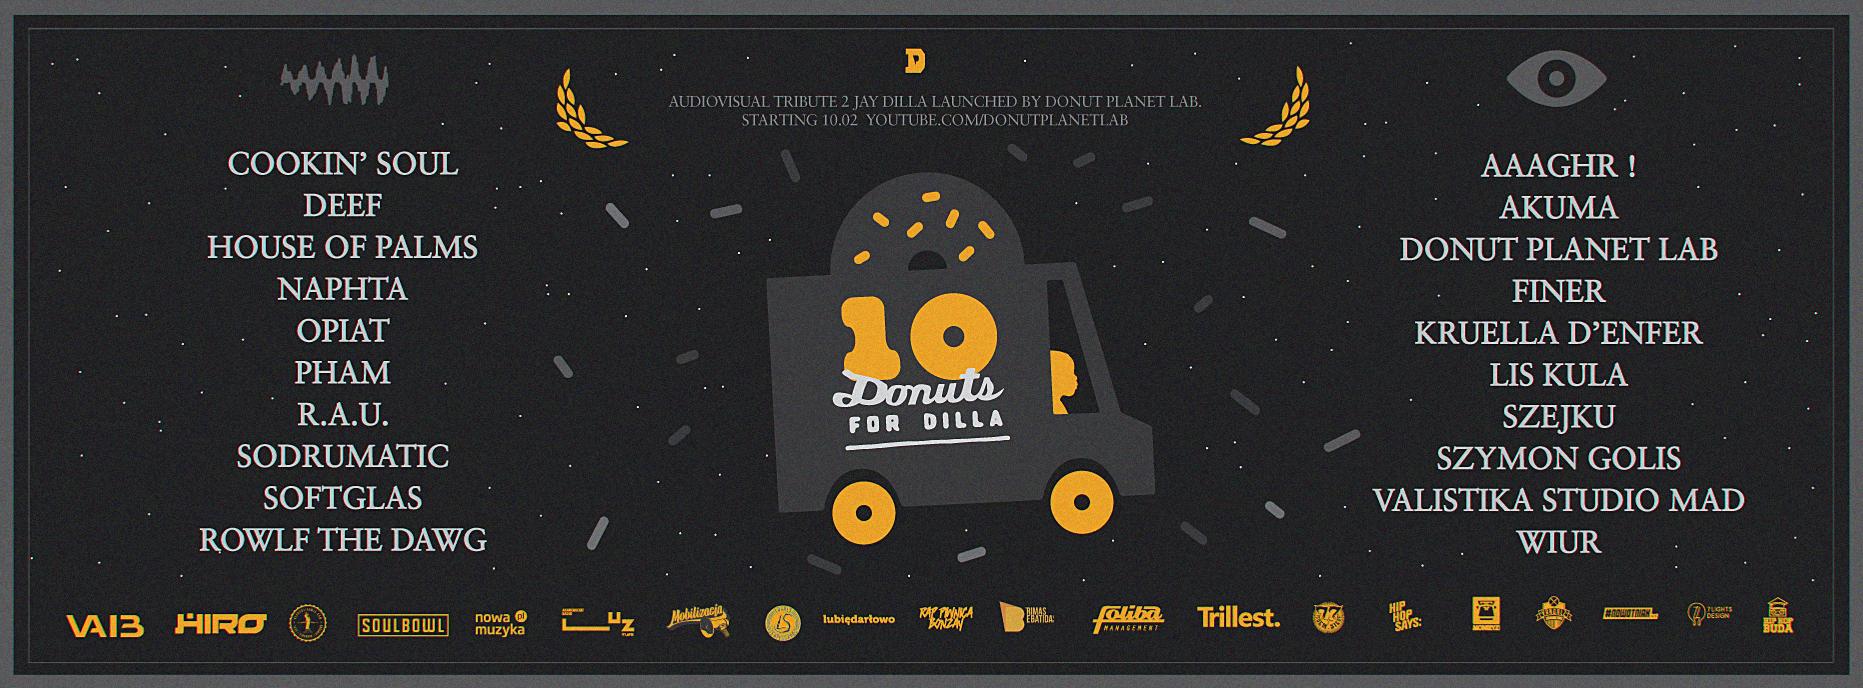 PRESS-PIC-10-DONUTS-FOR-DILLA